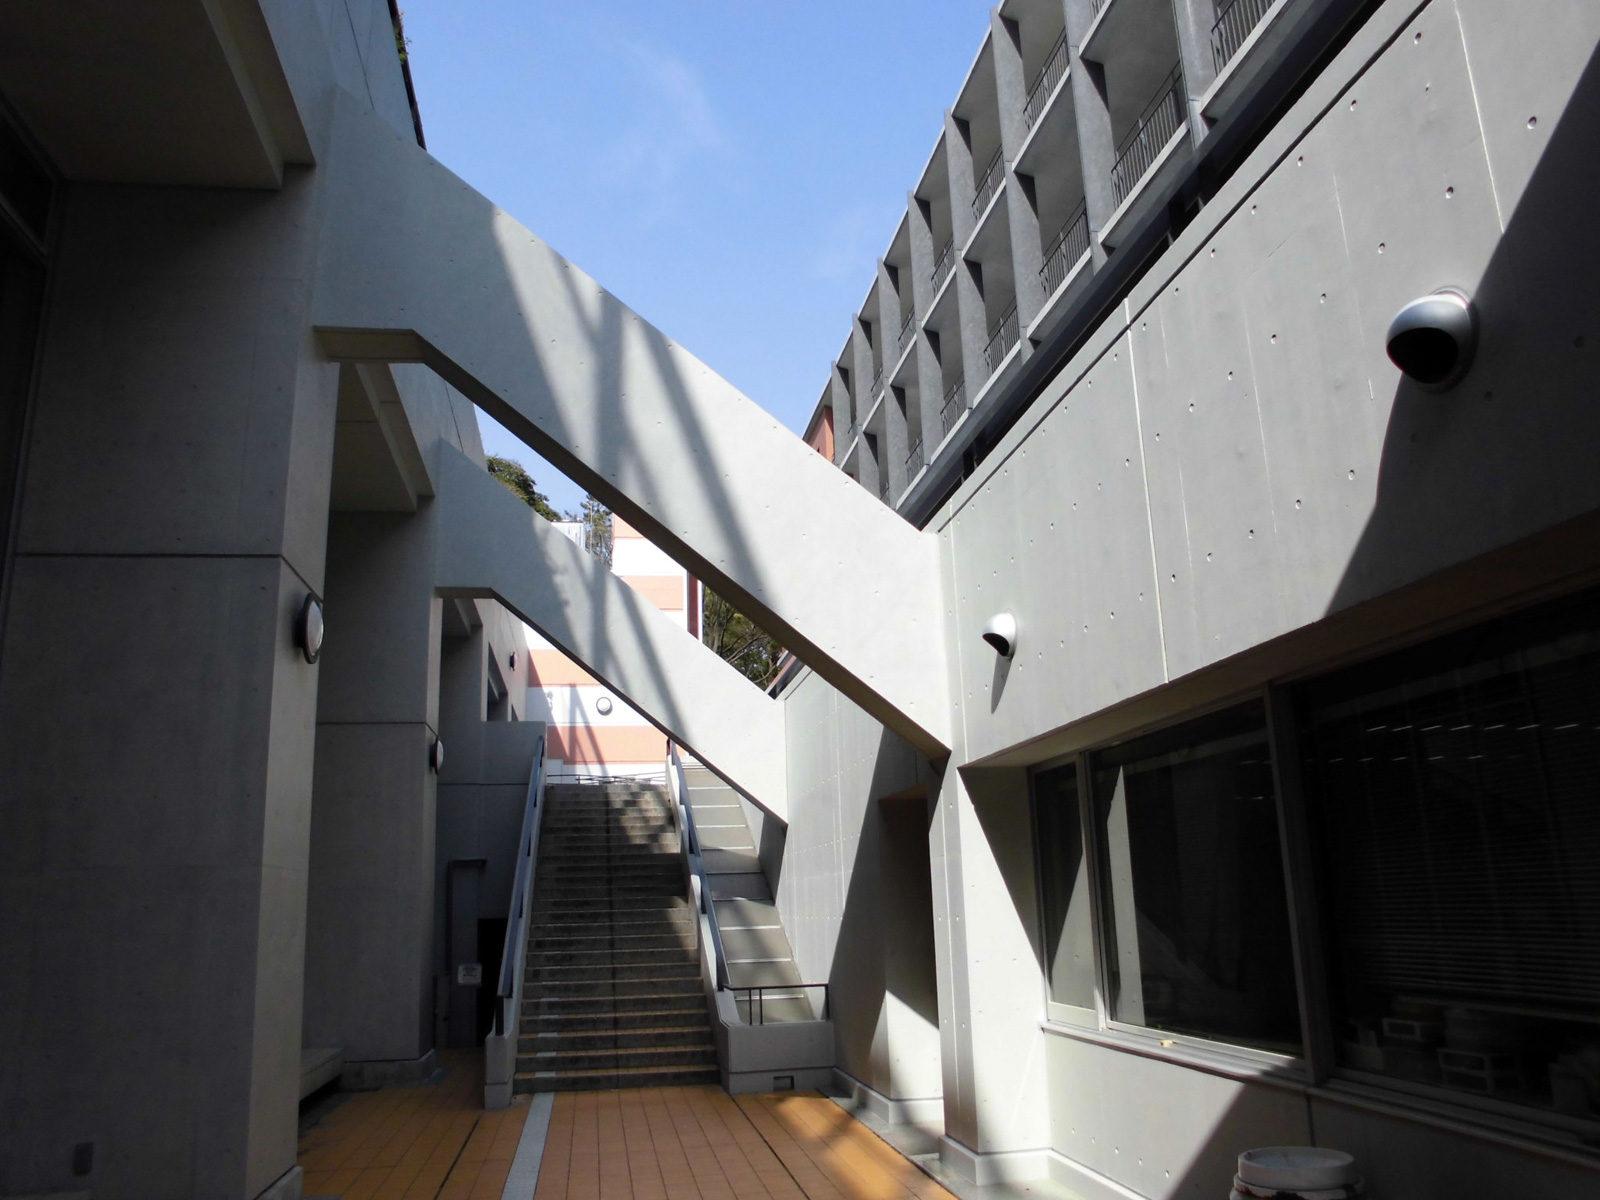 東京大学 御殿下記念館 改修後